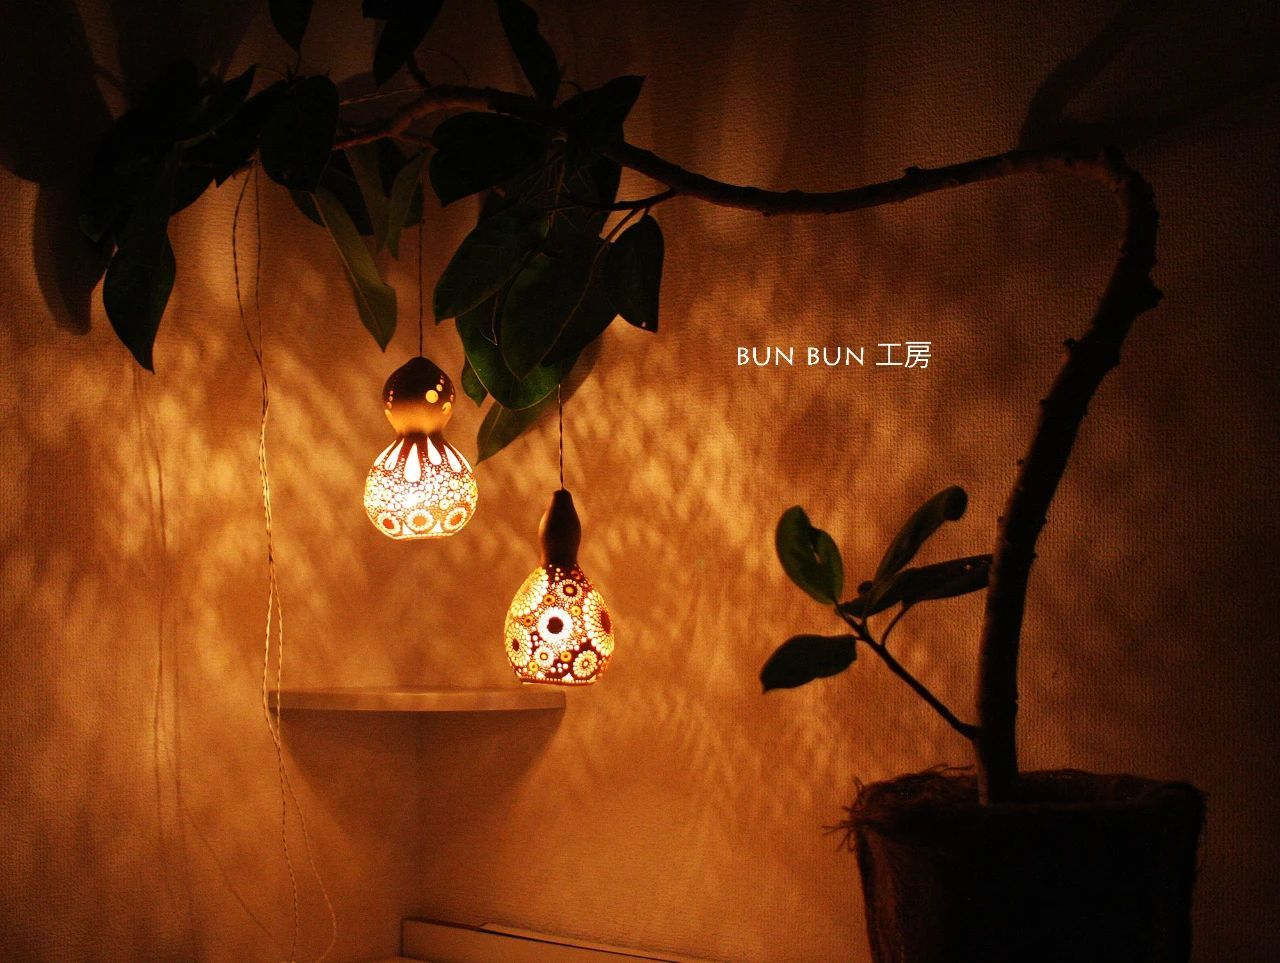 这位专职雕刻葫芦灯饰的日本手作家